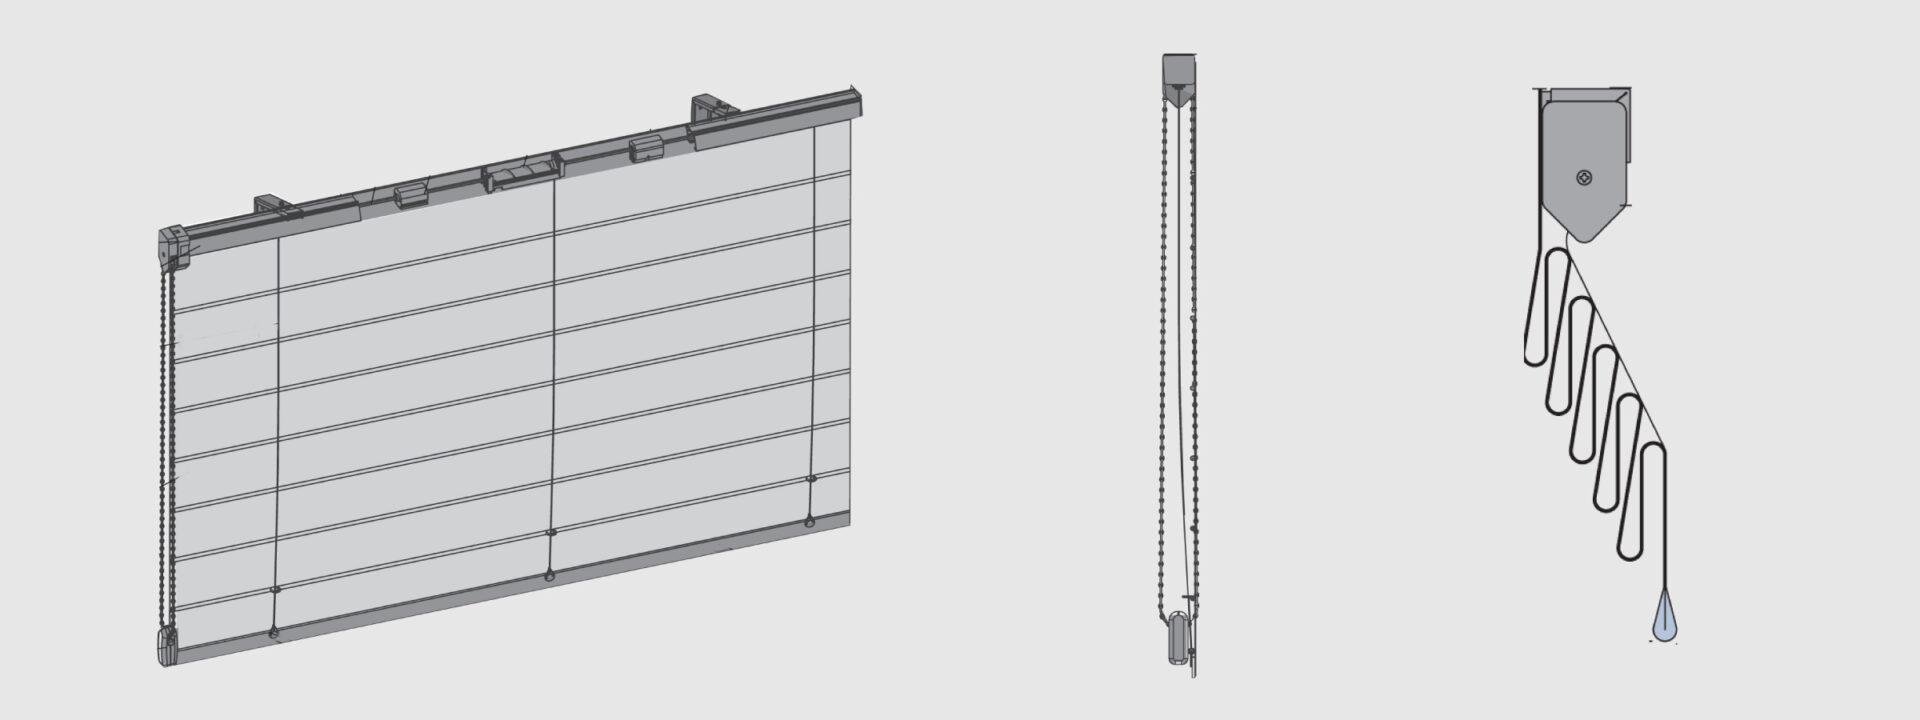 single-2400x900-obrazek-z-rysunkami-technicznymi